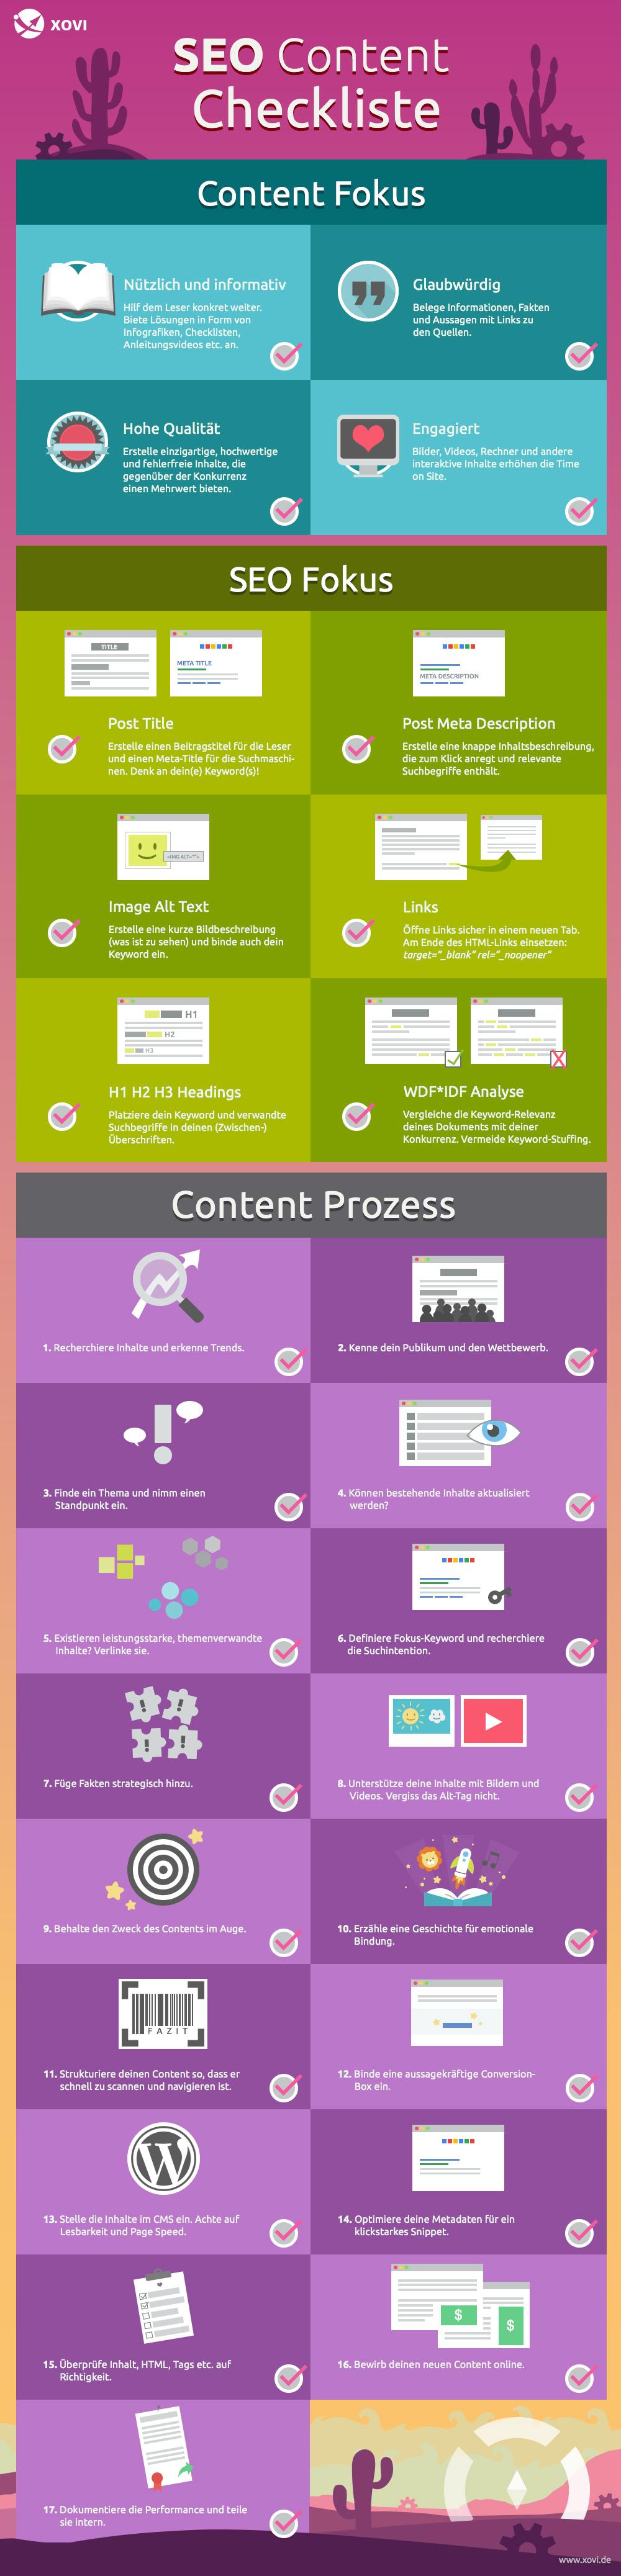 Deine SEO & Content Checkliste